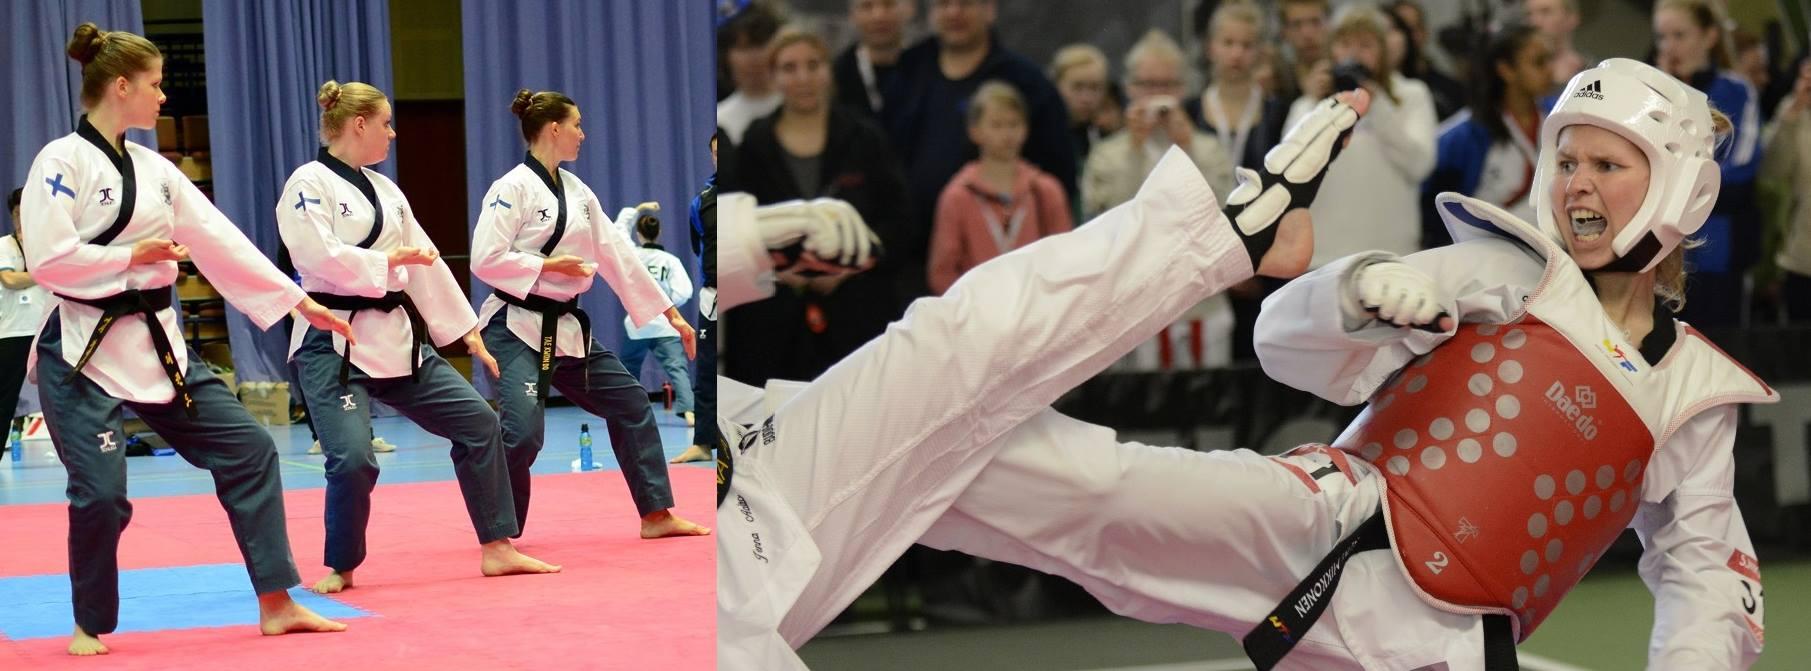 Taekwondon lajikuva, jossa on sekä ottelu että liikesarjat